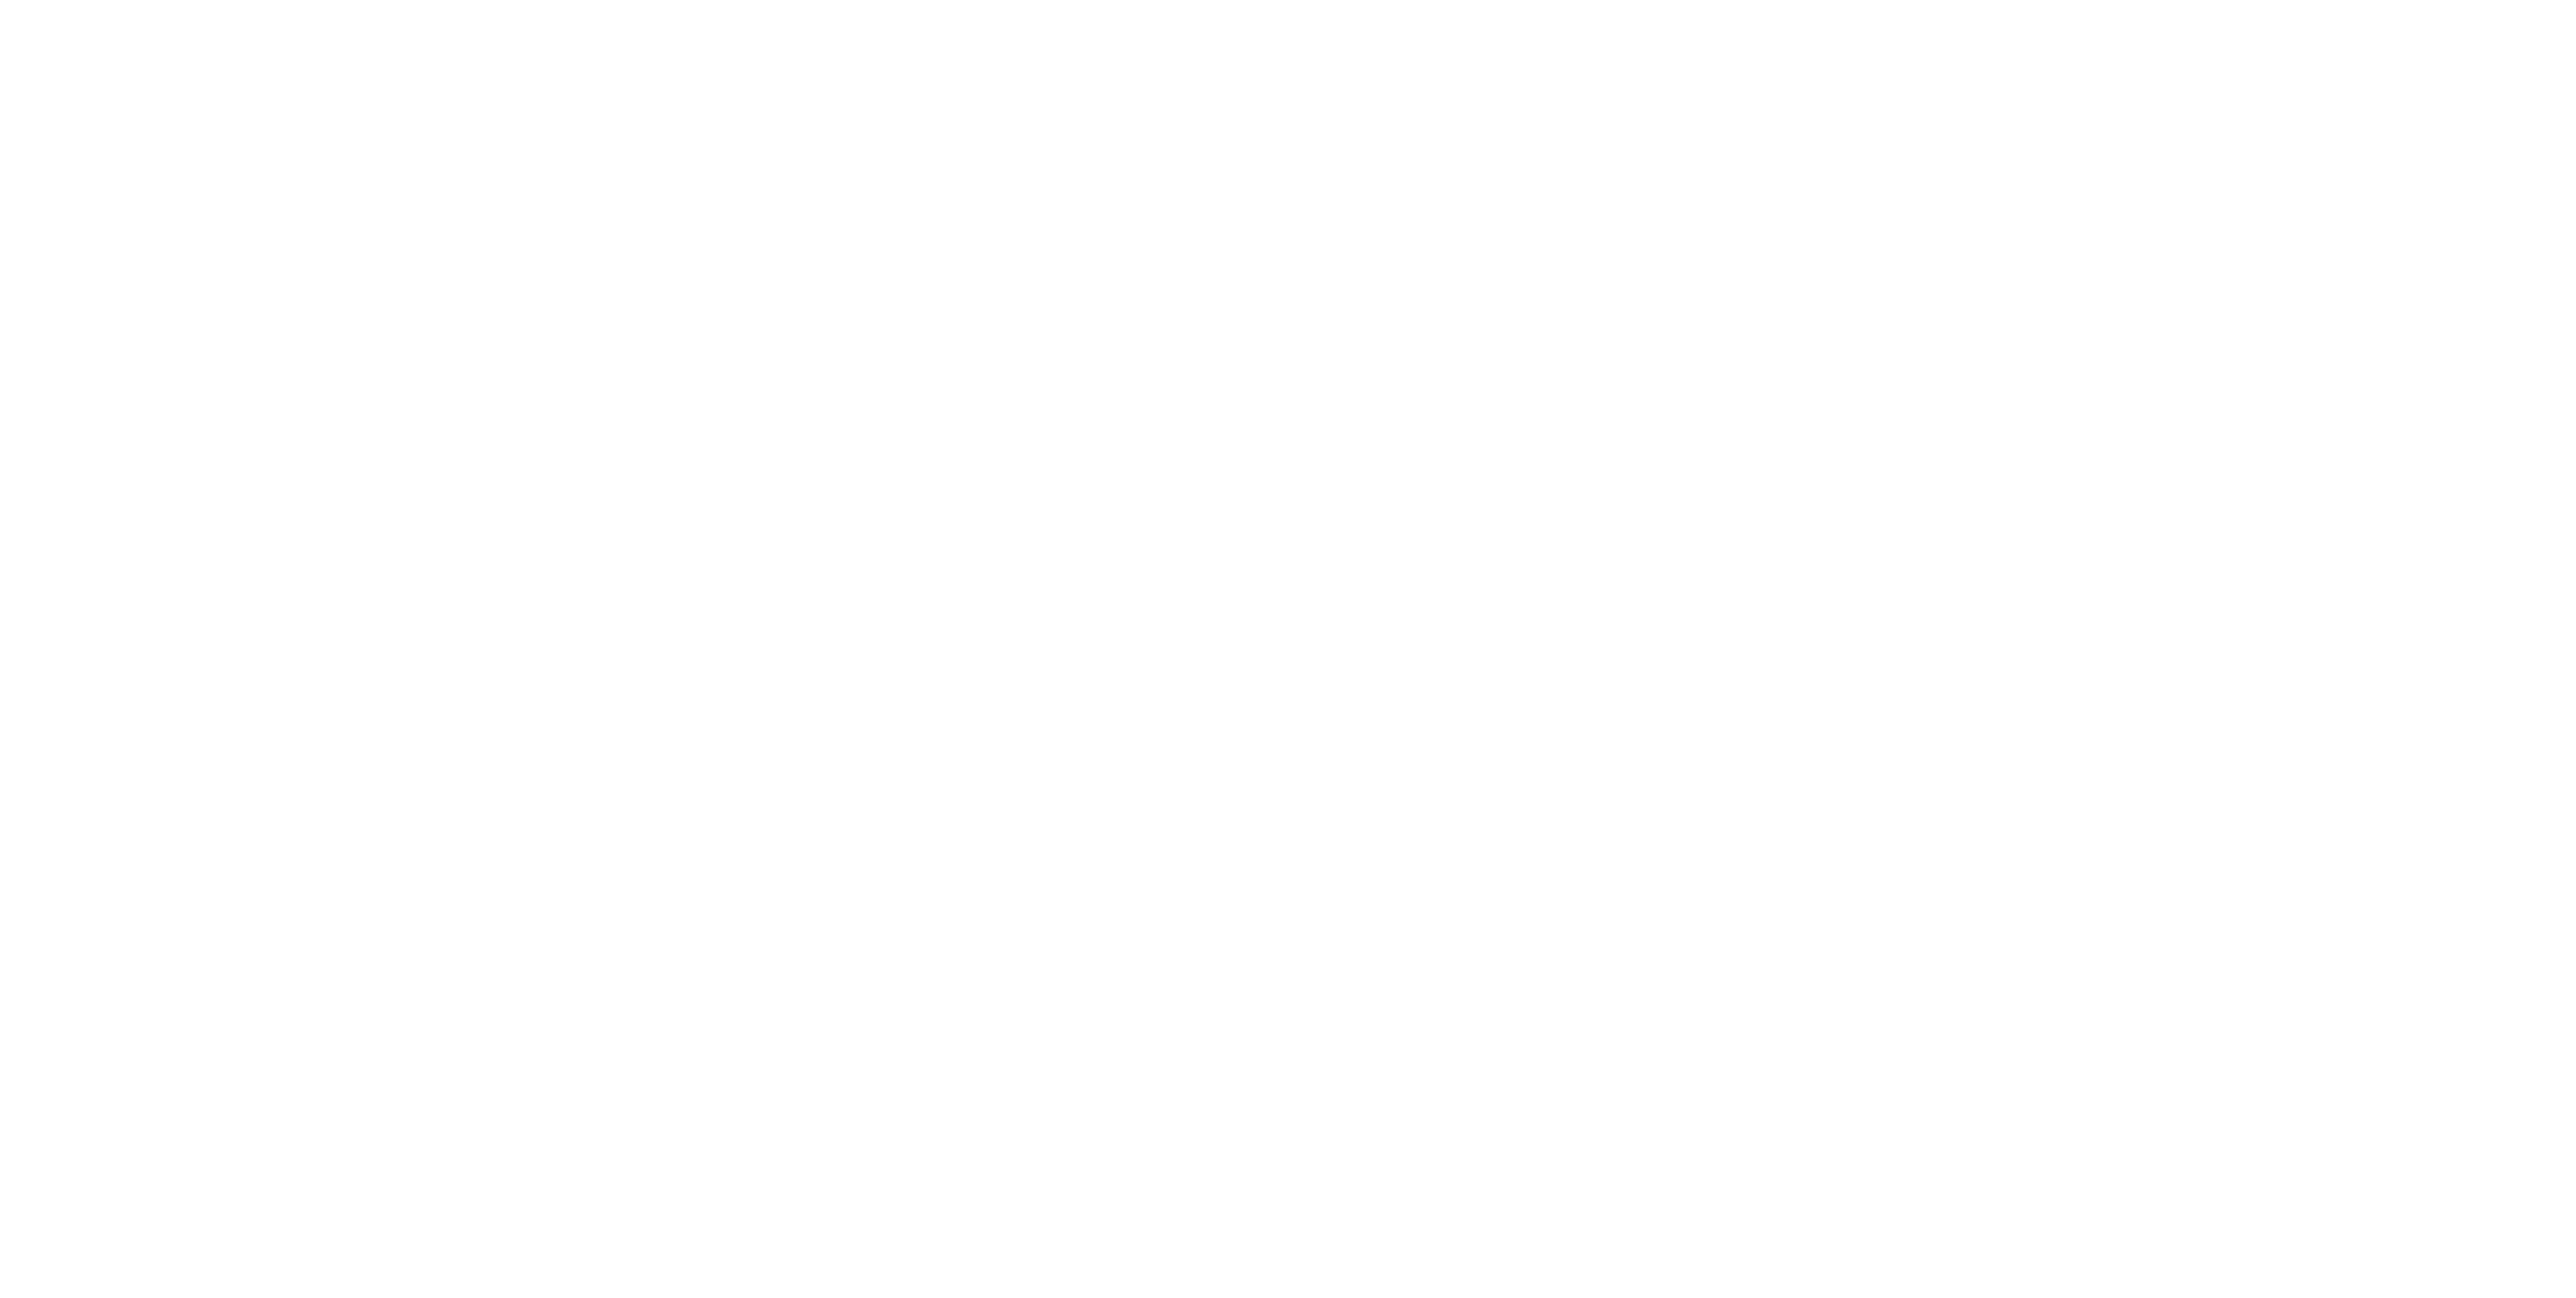 Lace Flower PNG Clip Art Image.